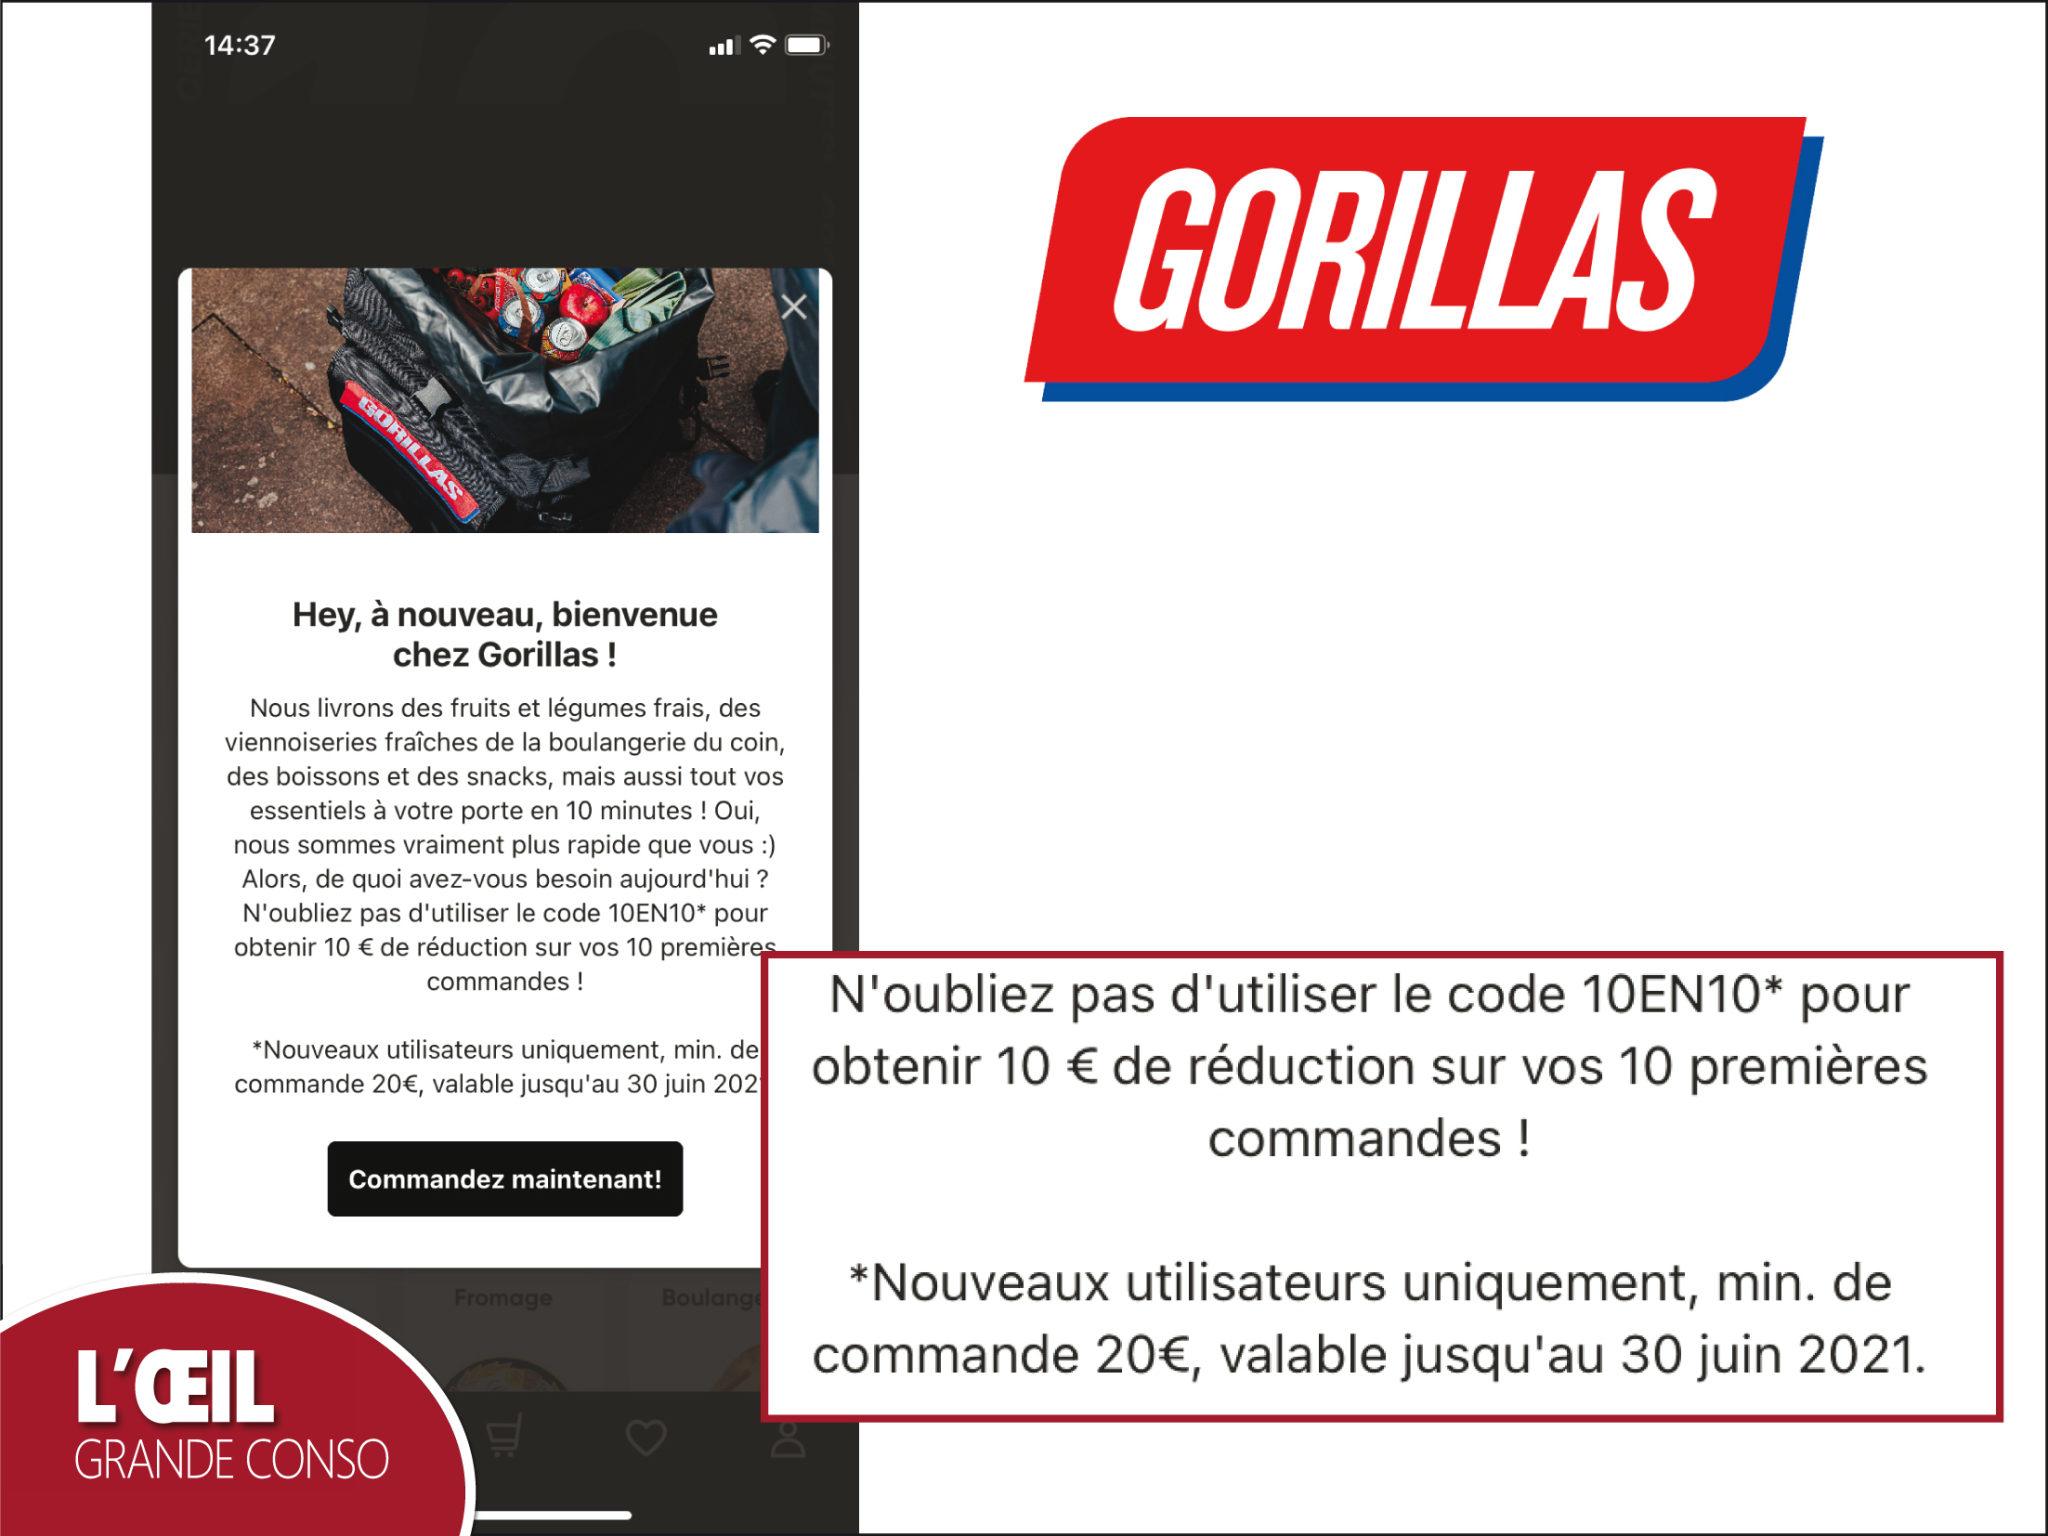 Gorillas50